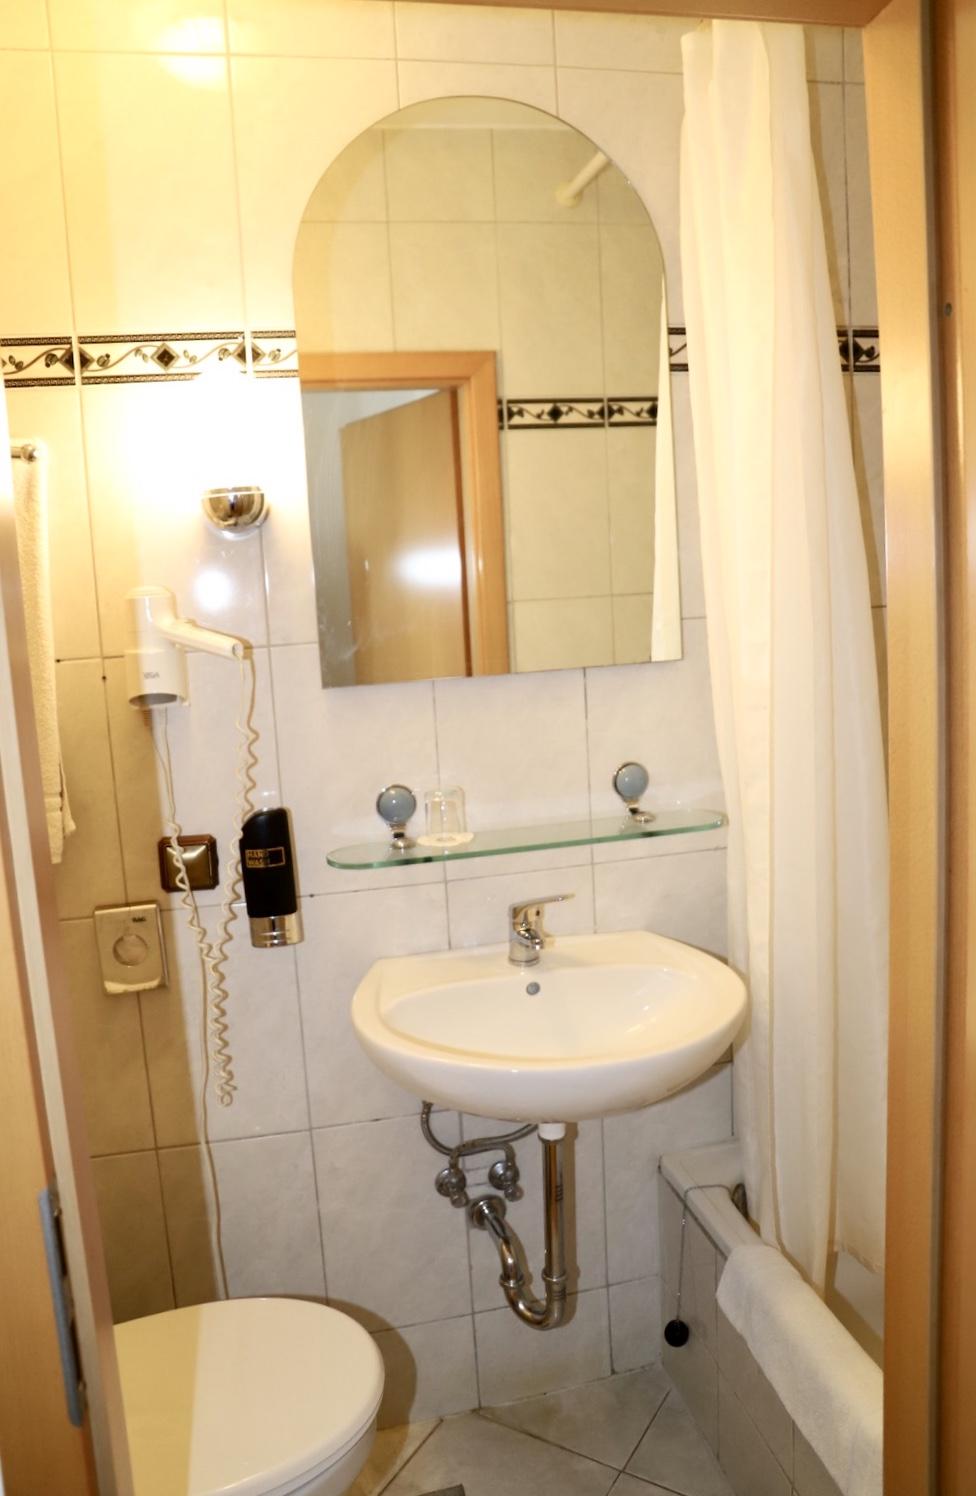 badezimmer-hotel-beispiel